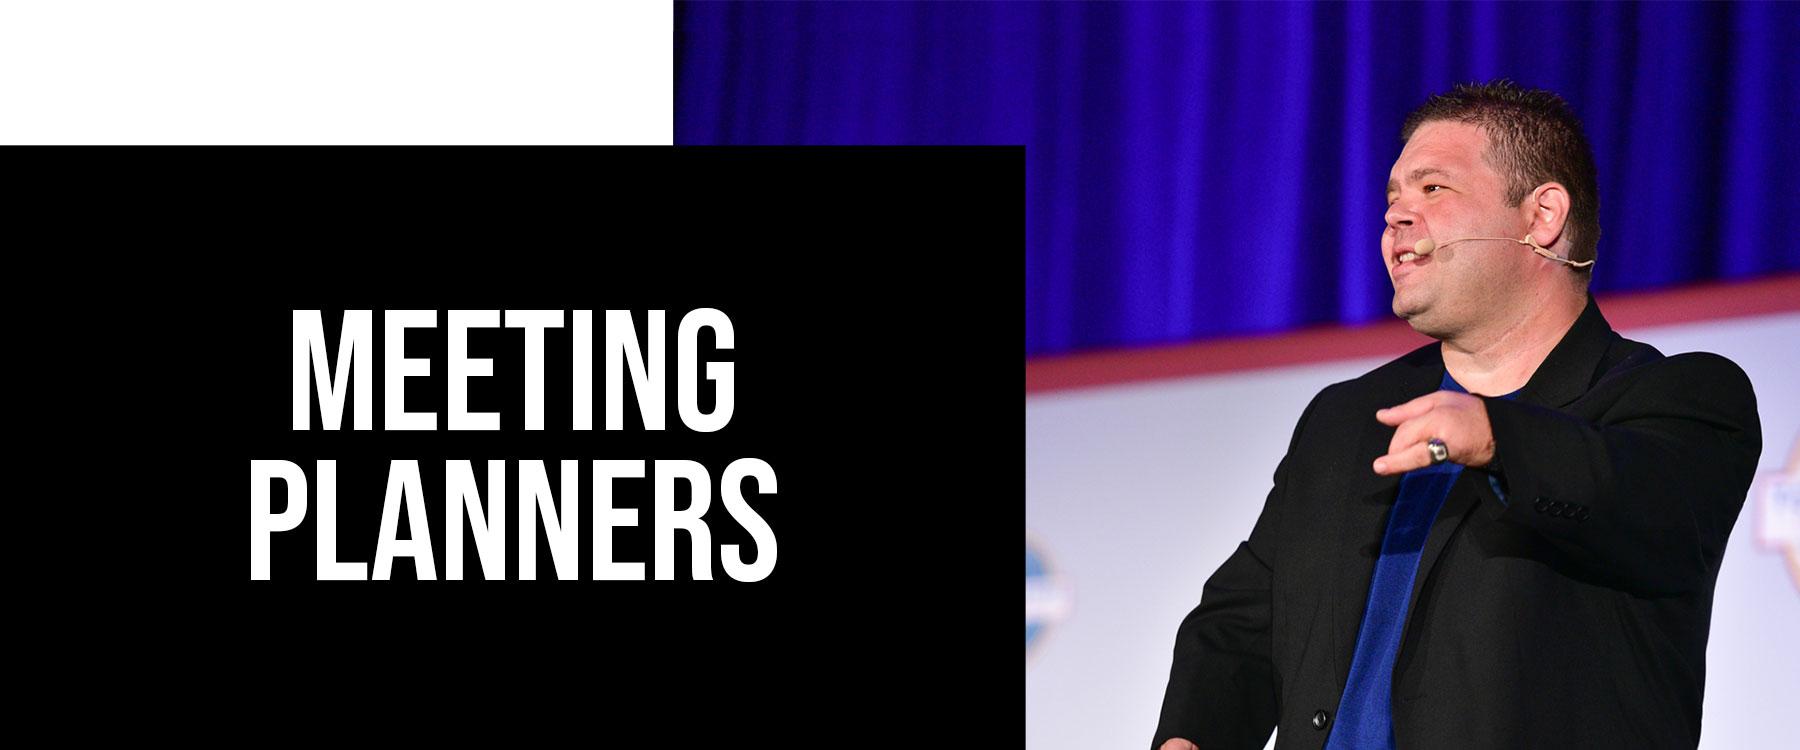 Meeting Planner Tools for Motivational Speaker, Paul Artale